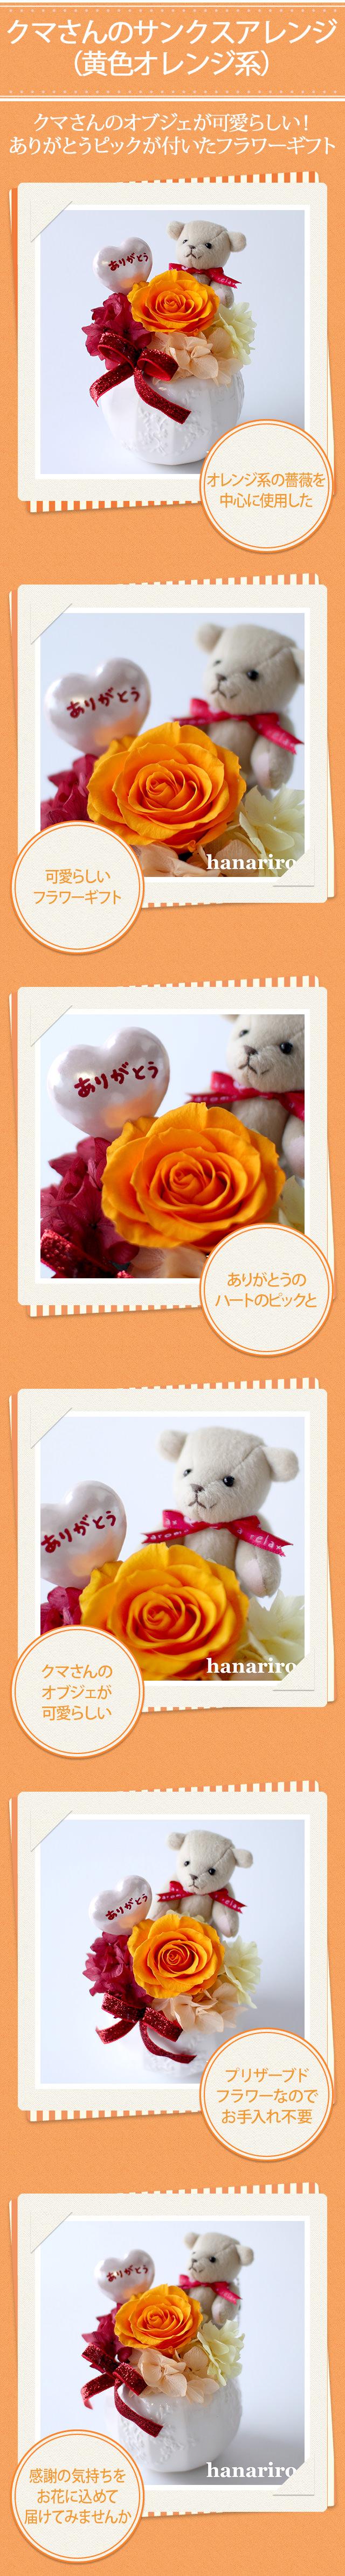 アレンジ「クマさんのサンクスアレンジ(黄色オレンジ系)」/プリザーブドフラワーギフト